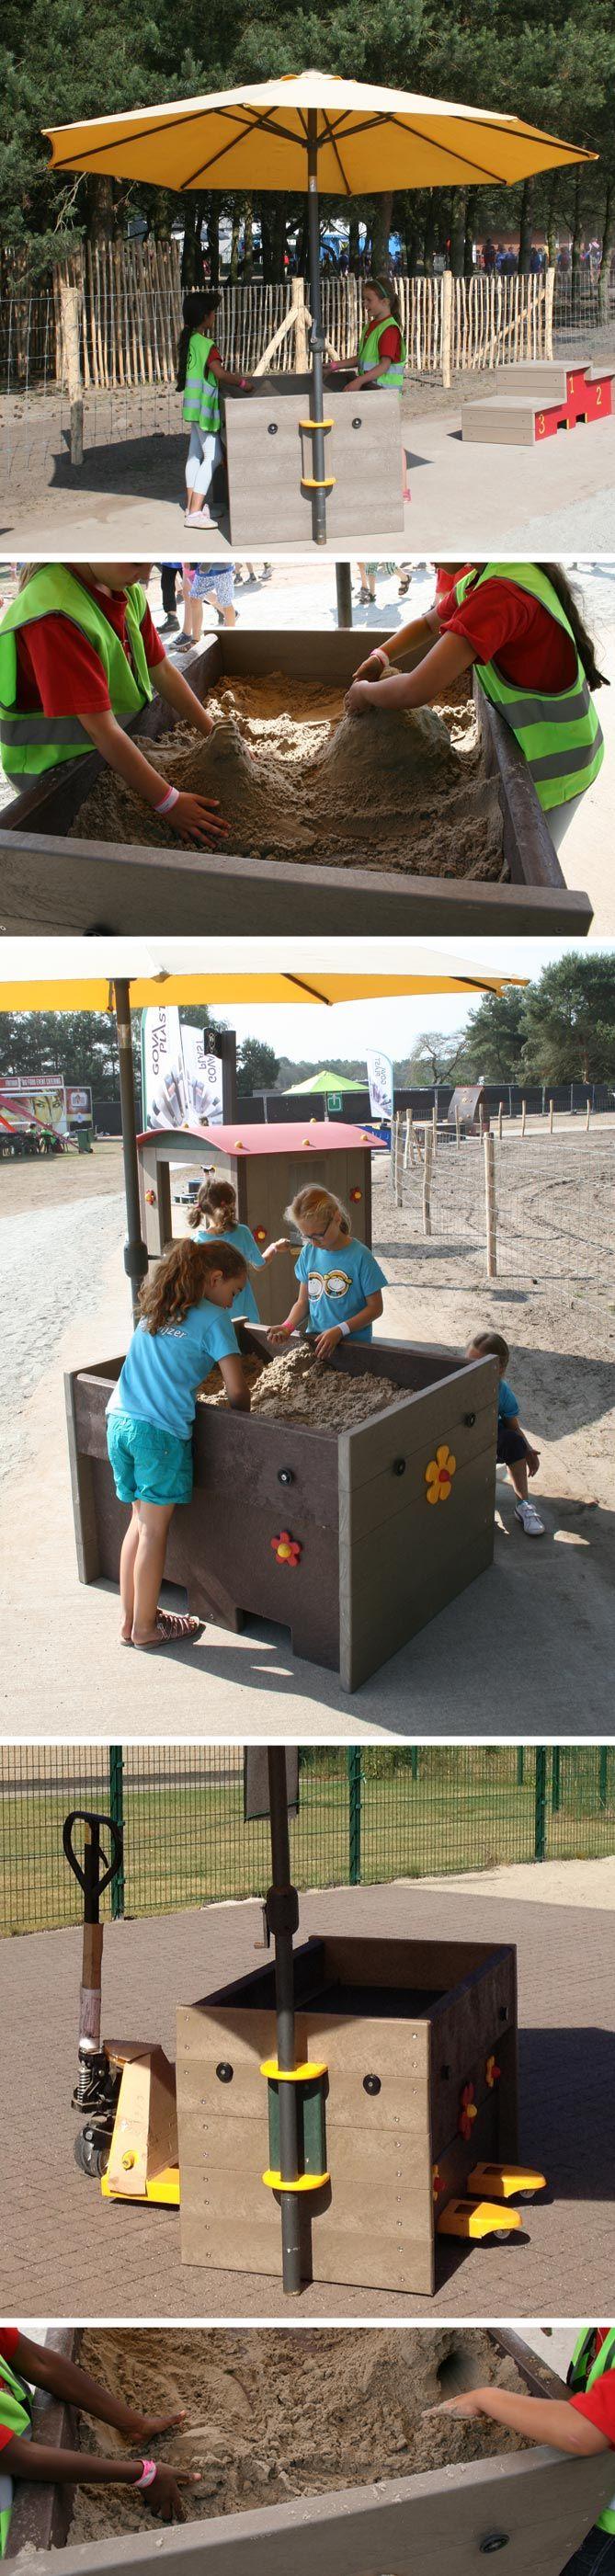 Verplaatsbare zandbak voor op de speelplaats/schoolplein. Bac à sable mobile pour la cour de récré. www.govaplast.com Rotvrij, verplaatsbaar tav de zon, afdekbaar, hygienisch, verschillende hoogten mogelijk.